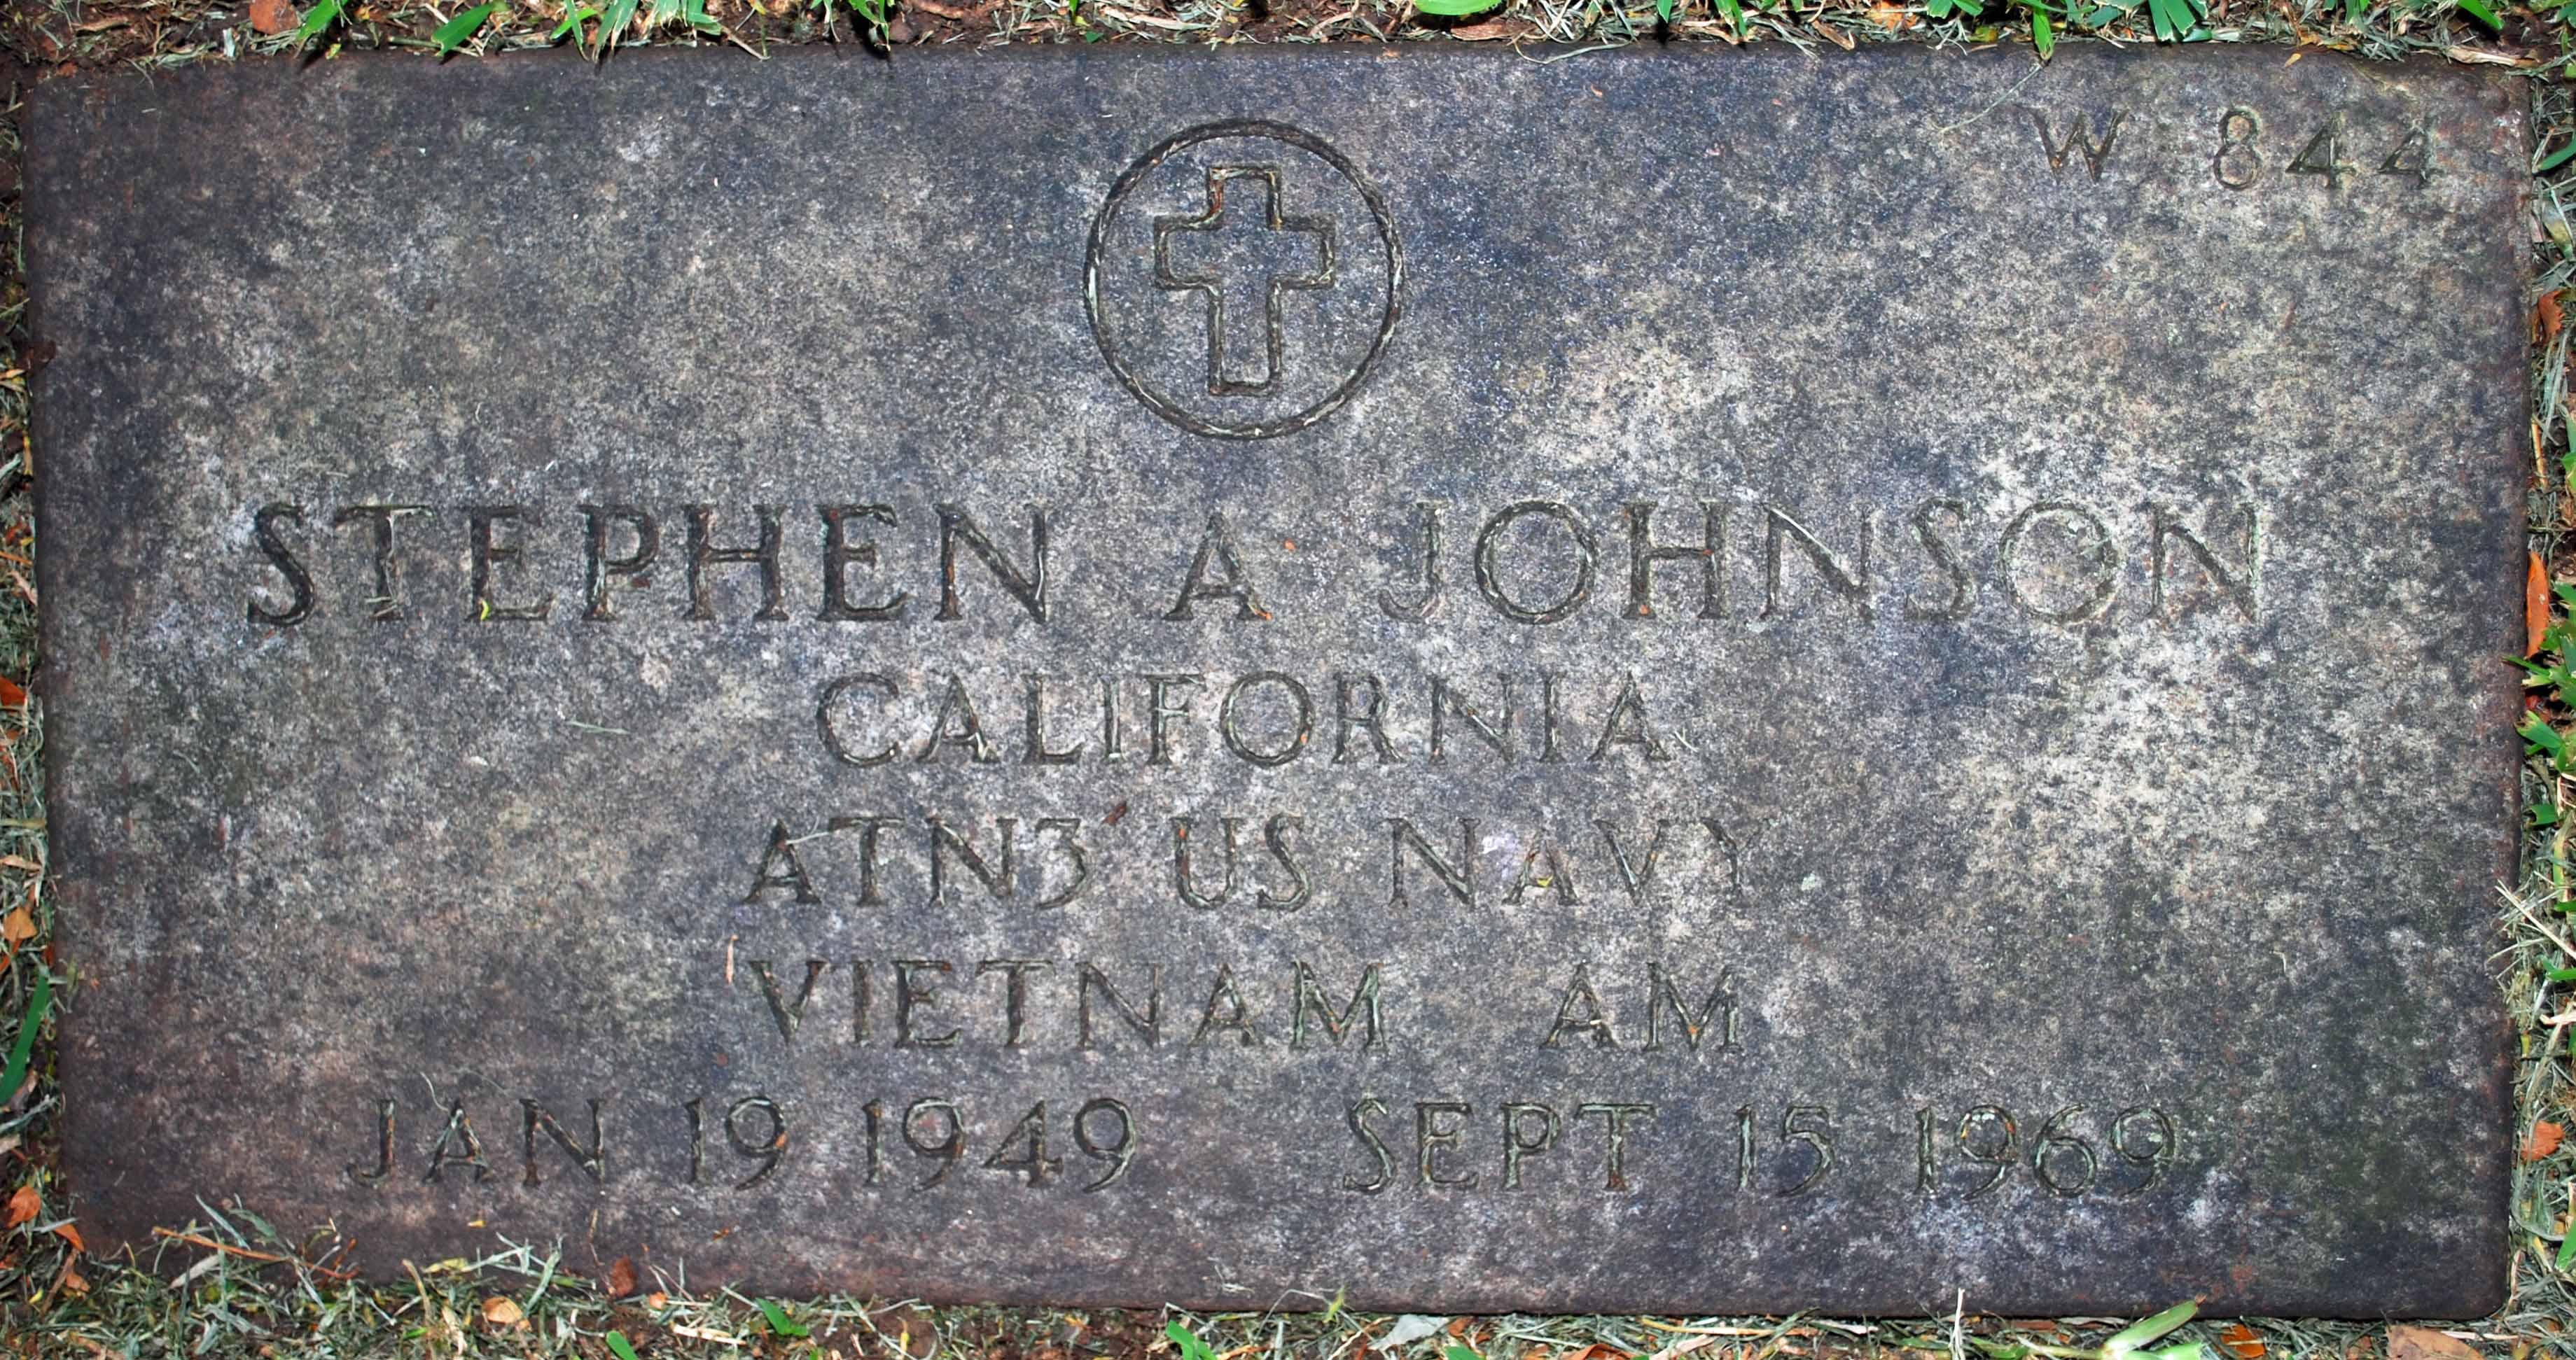 PO Stephen Ayer Johnson